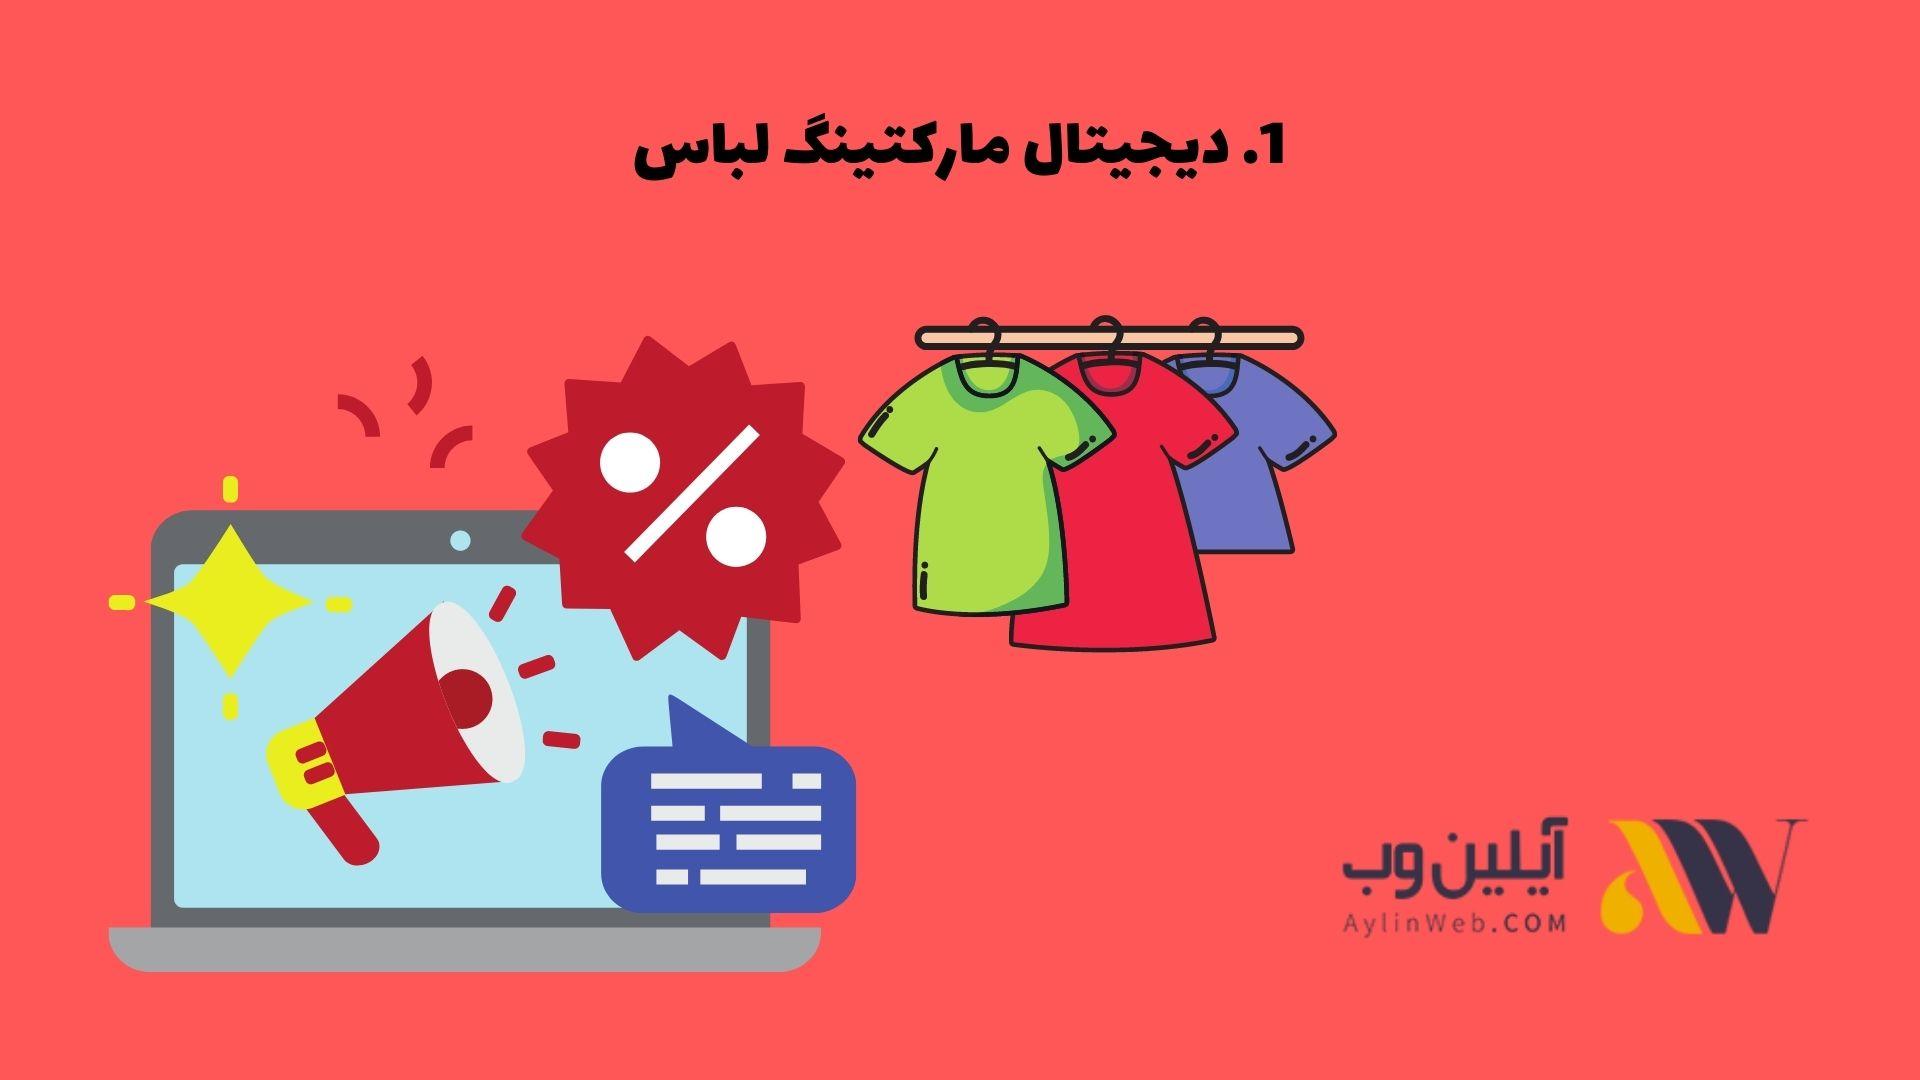 دیجیتال مارکتینگ لباس